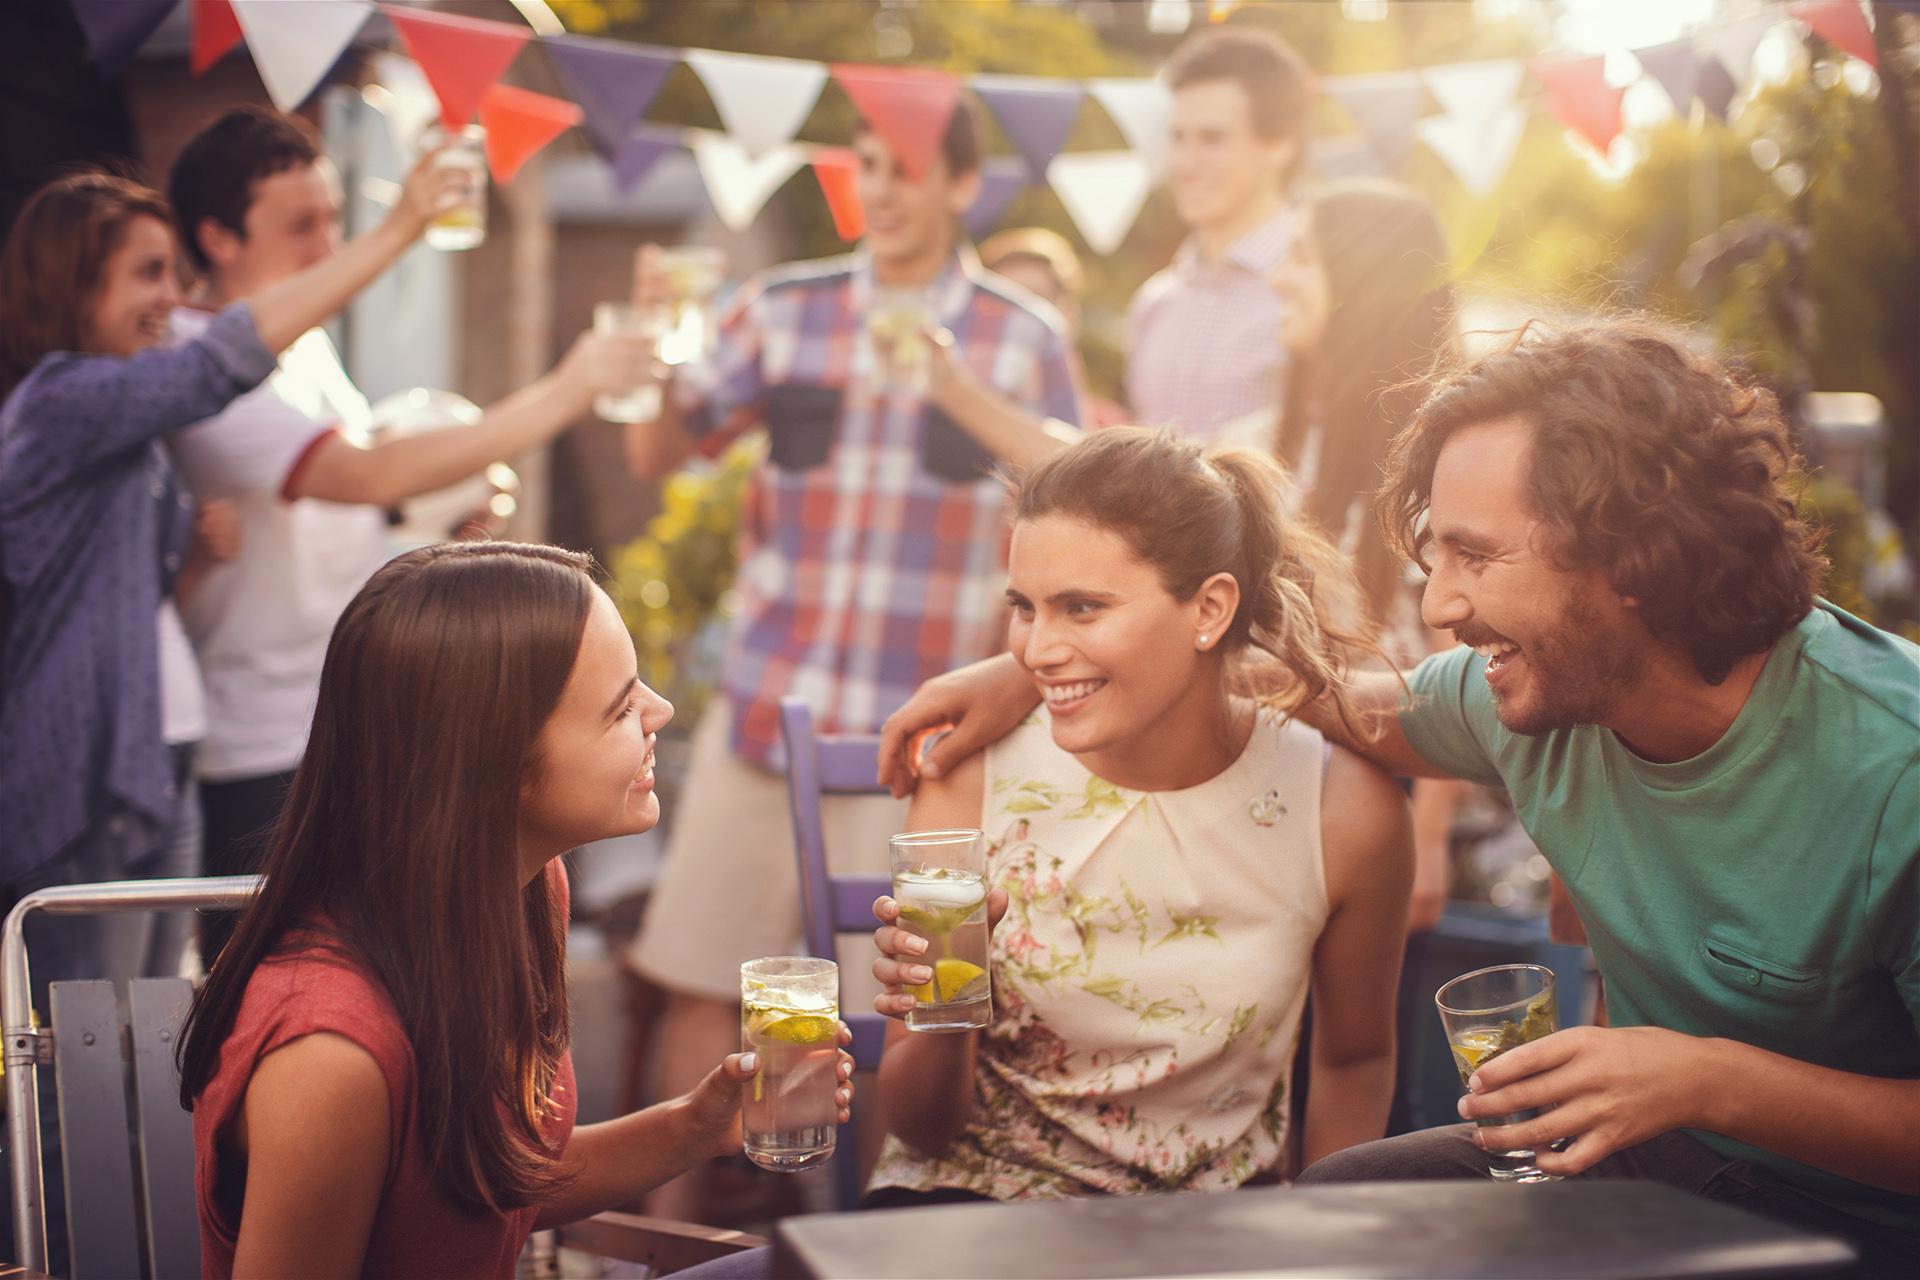 dachterrasse-party-freunde-feiern-happy